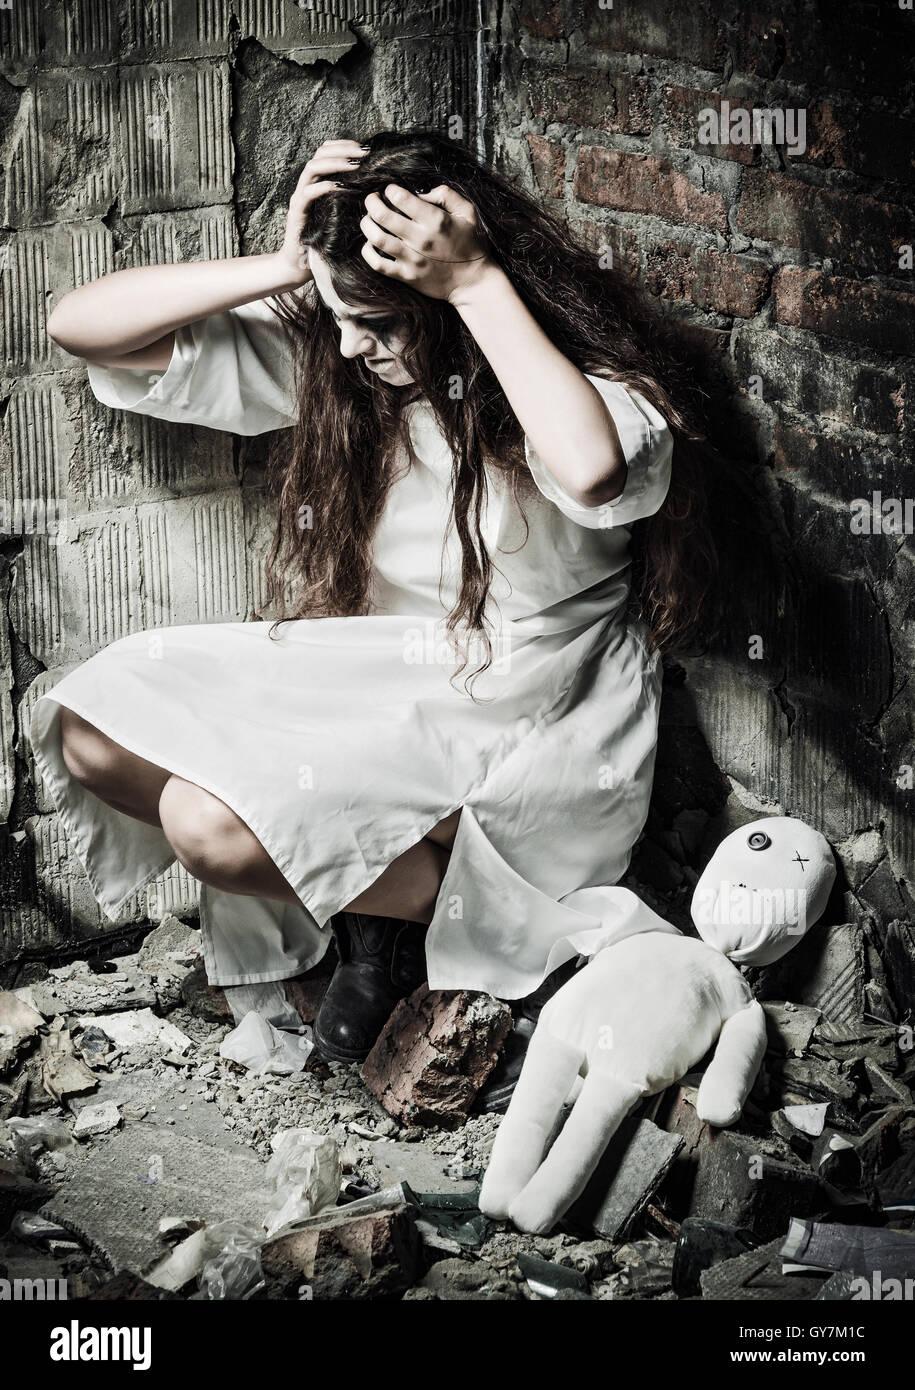 Style d'horreur tourné: l'étrange fou fille et sa poupée moppet Photo Stock